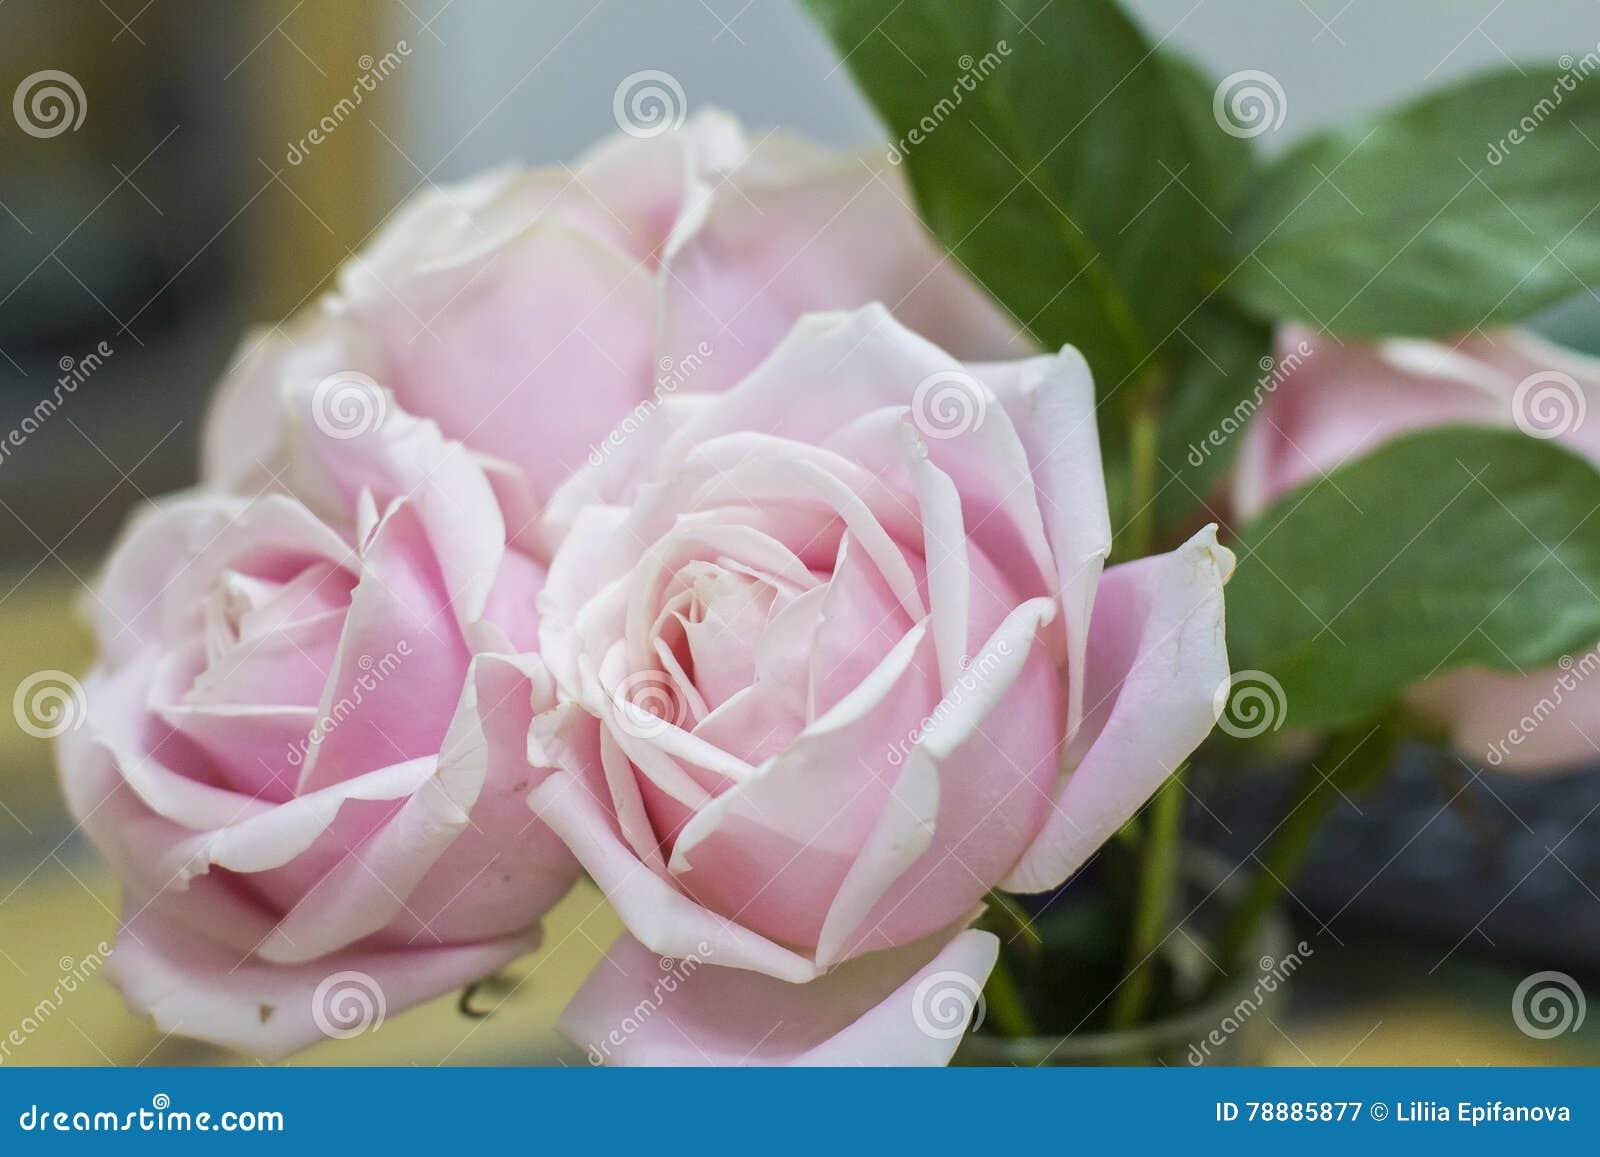 hintergrund drei rosa und wei e rosen in einem blumenstrau der blume stockbild bild von. Black Bedroom Furniture Sets. Home Design Ideas